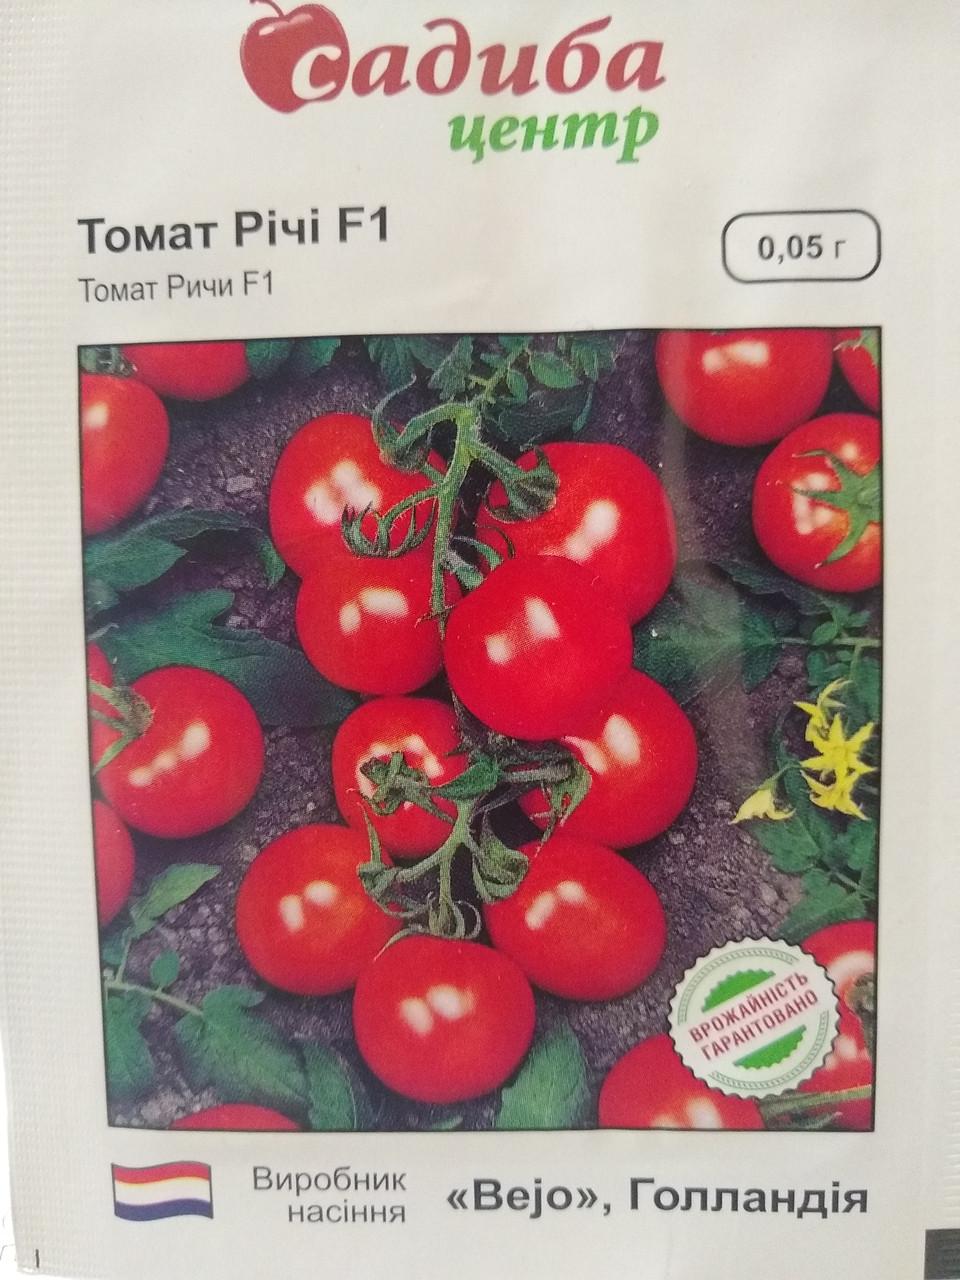 Семена томата раннего гибрида Ричи F1 кустовой детерминантный 0,05 грамм 12 семян Bejo Голландия